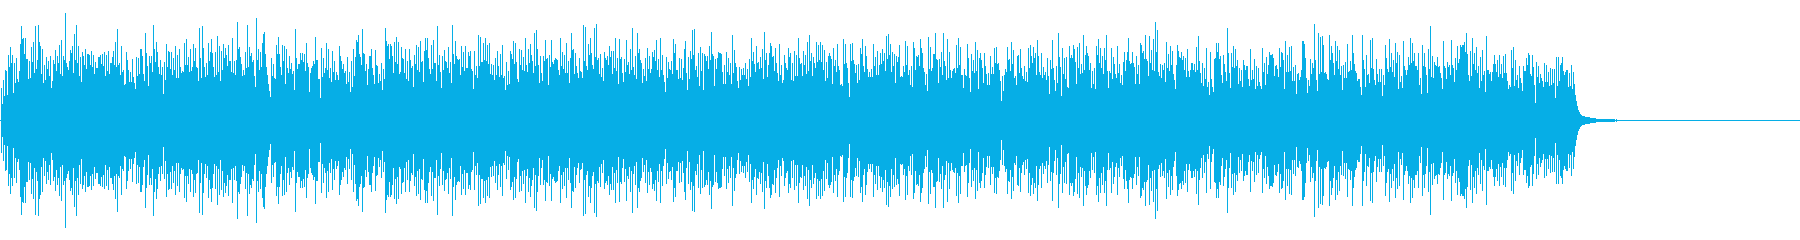 [生録音]ベルタイプの目覚まし時計03の再生済みの波形